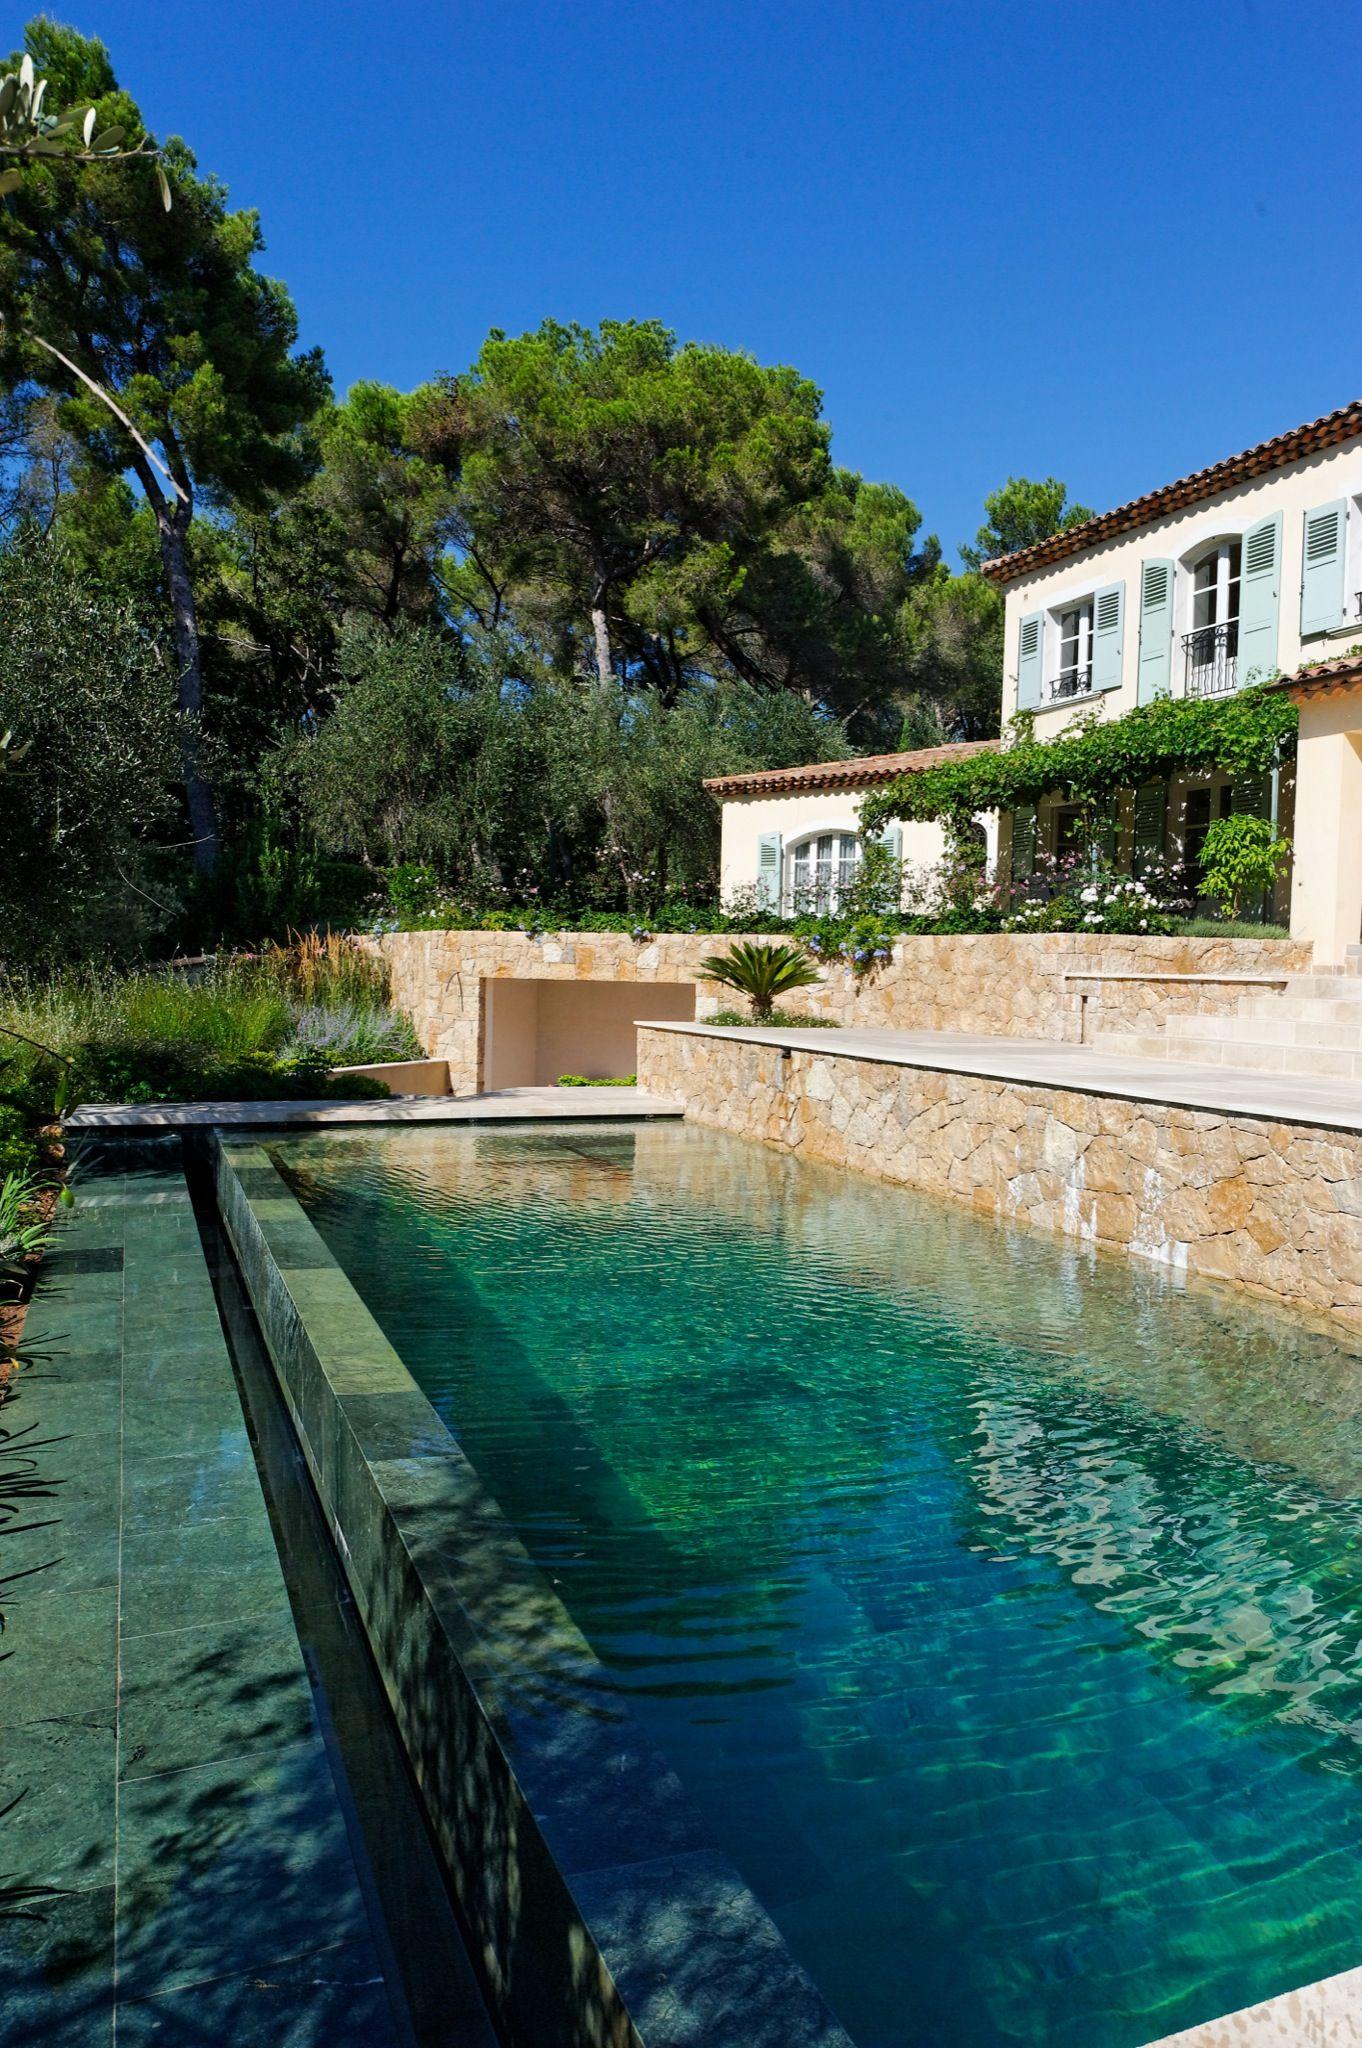 Le d bordement par l 39 esprit piscine 8 x 3 5 m rev tement - Revetement ideal pourtour de piscine ...